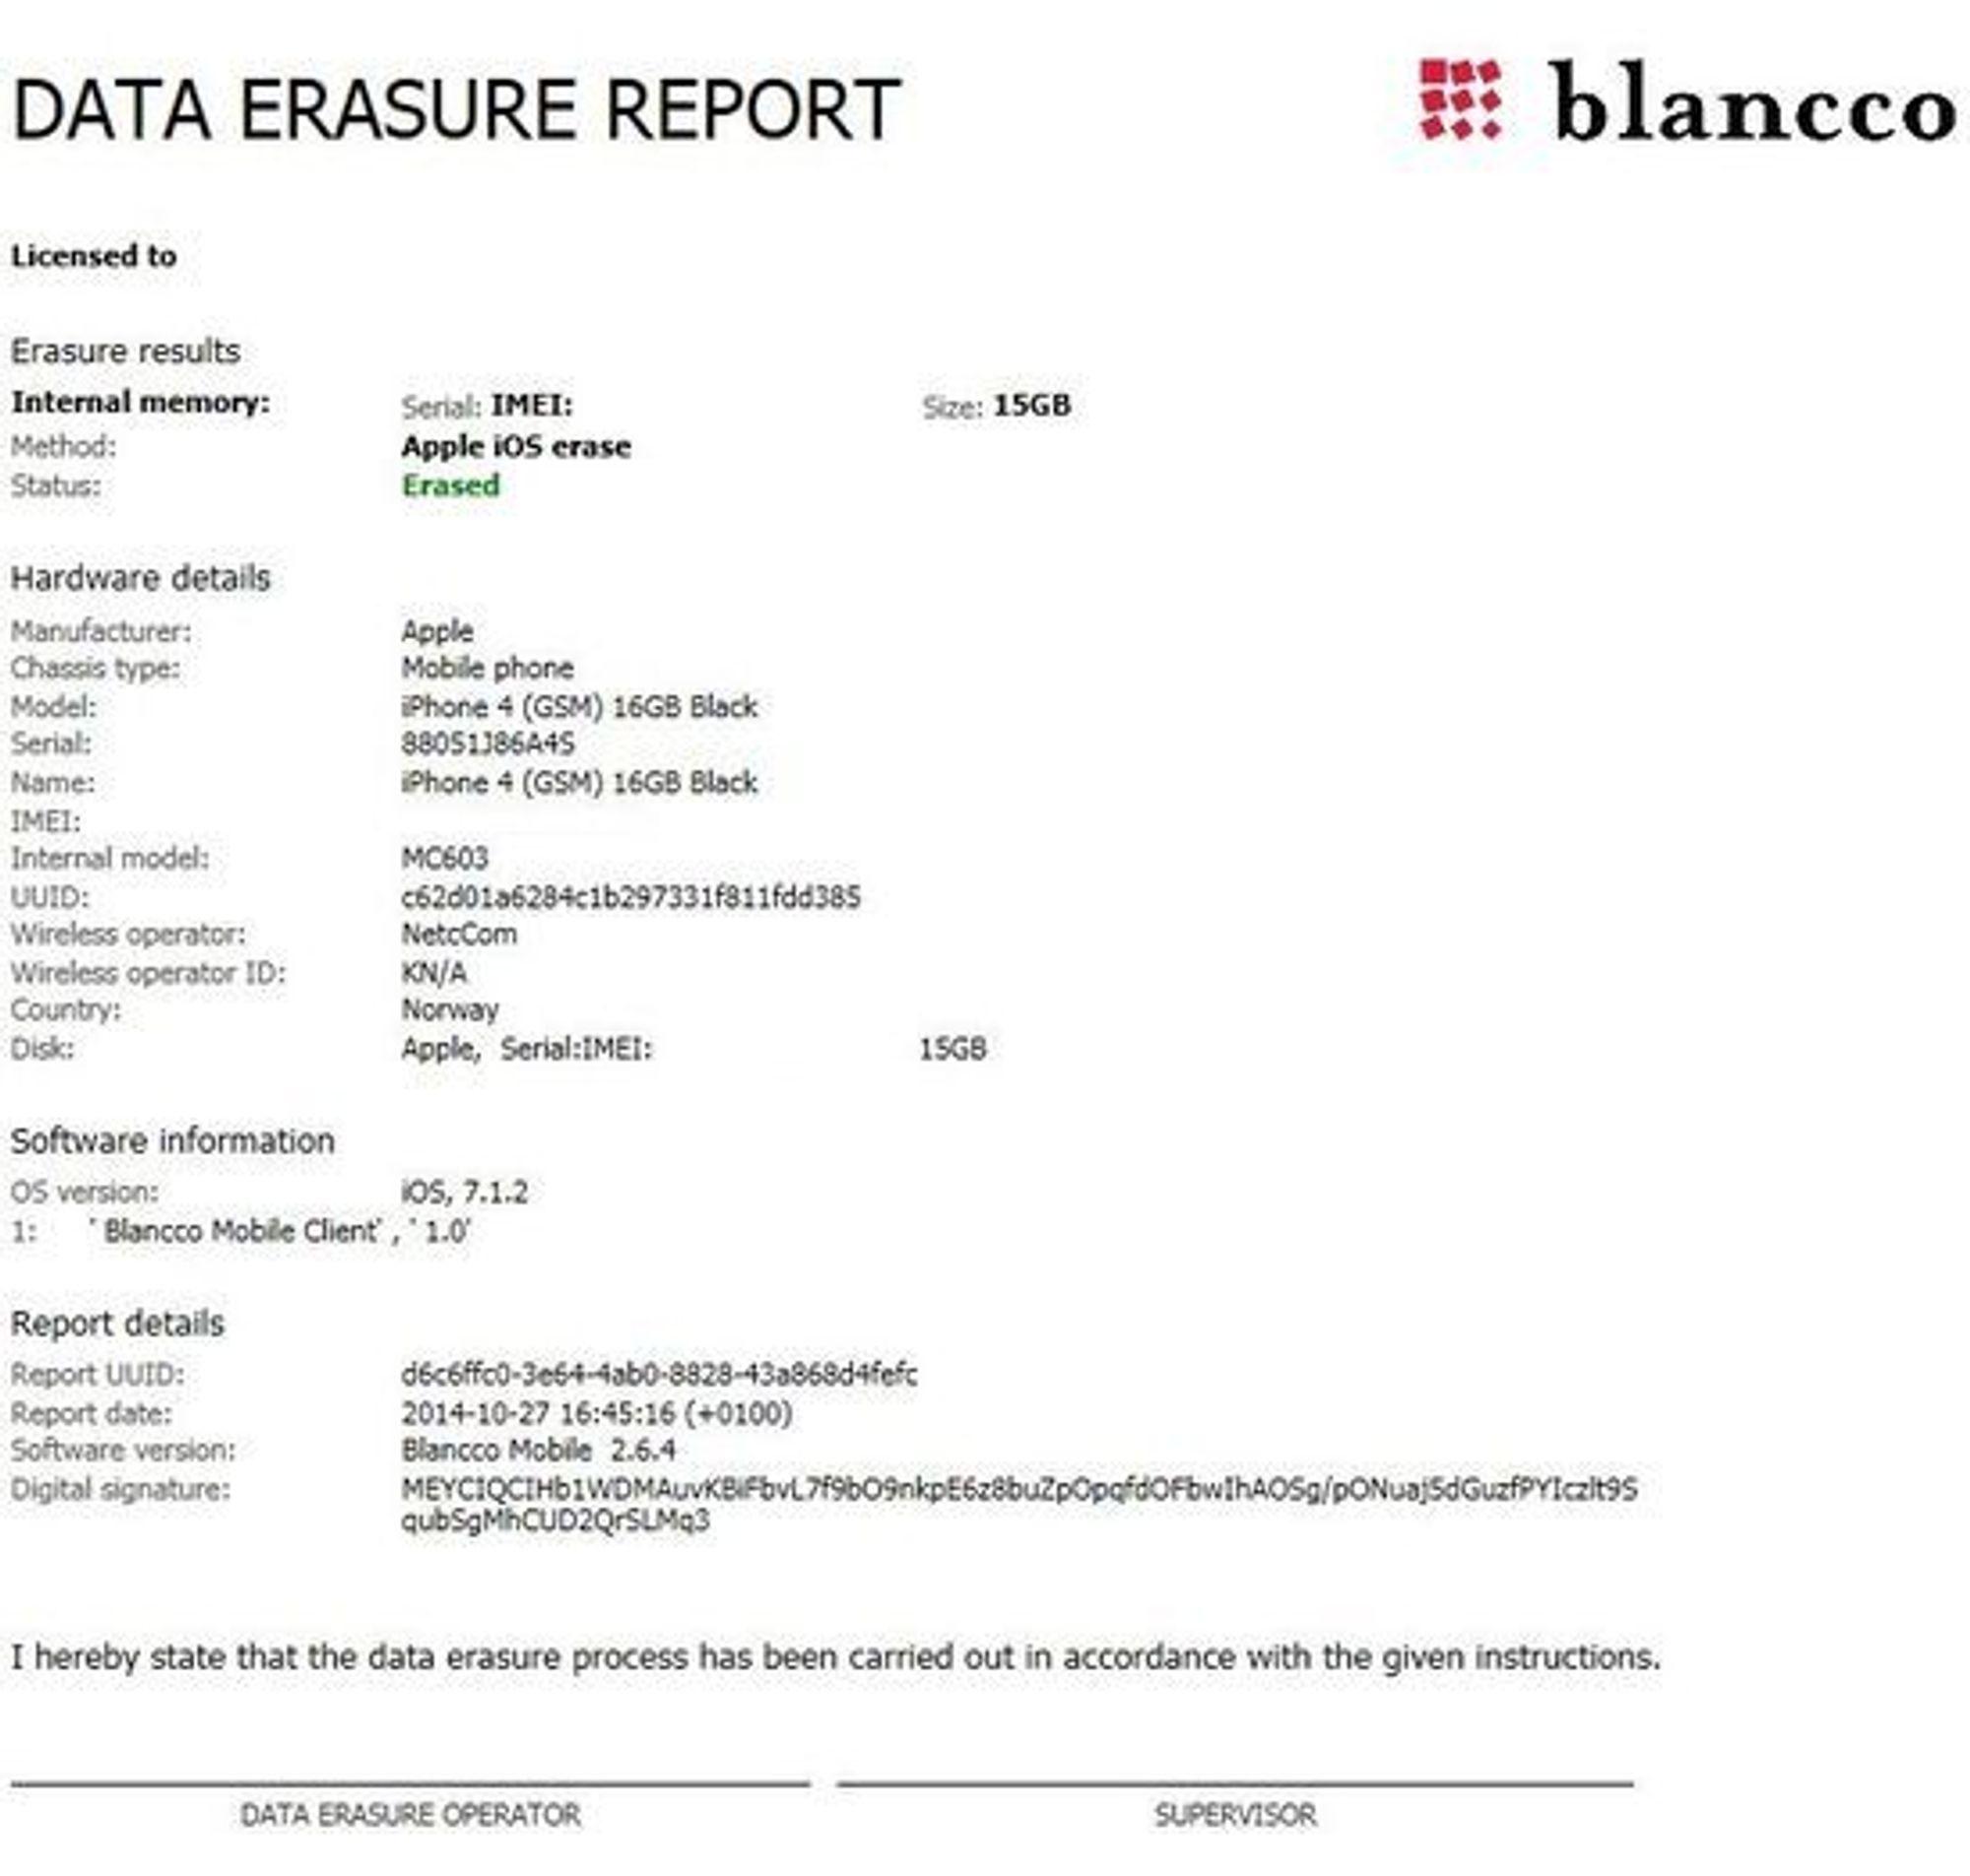 Et eksempel på rapporten som Blancco-verktøyene lager etter sletting av innholdet på en mobiltelefon.